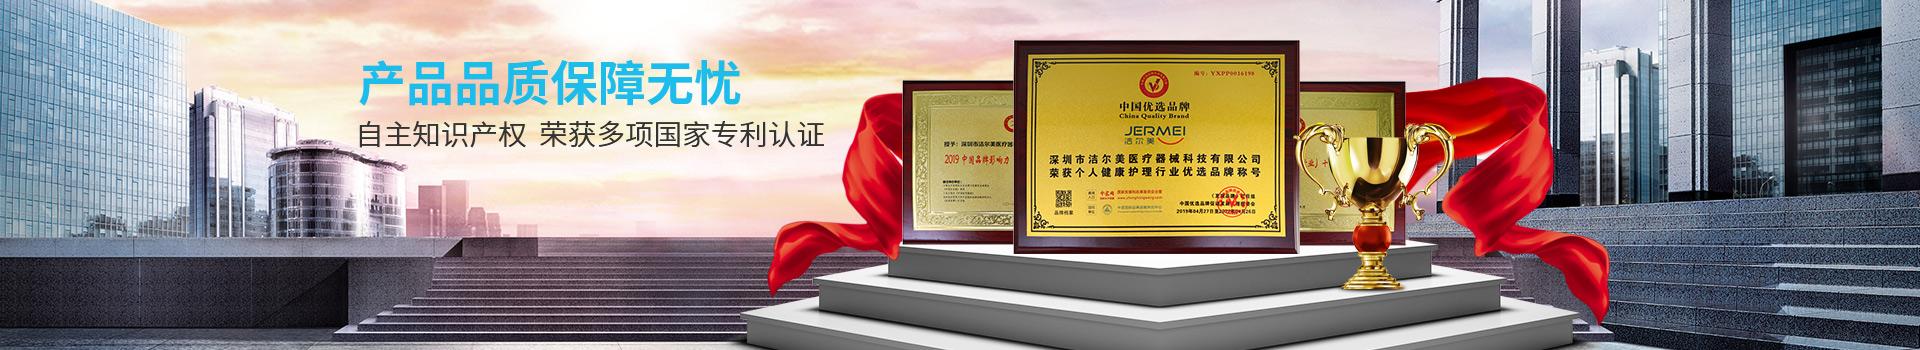 自主知识产权,荣获多项国家专利认证